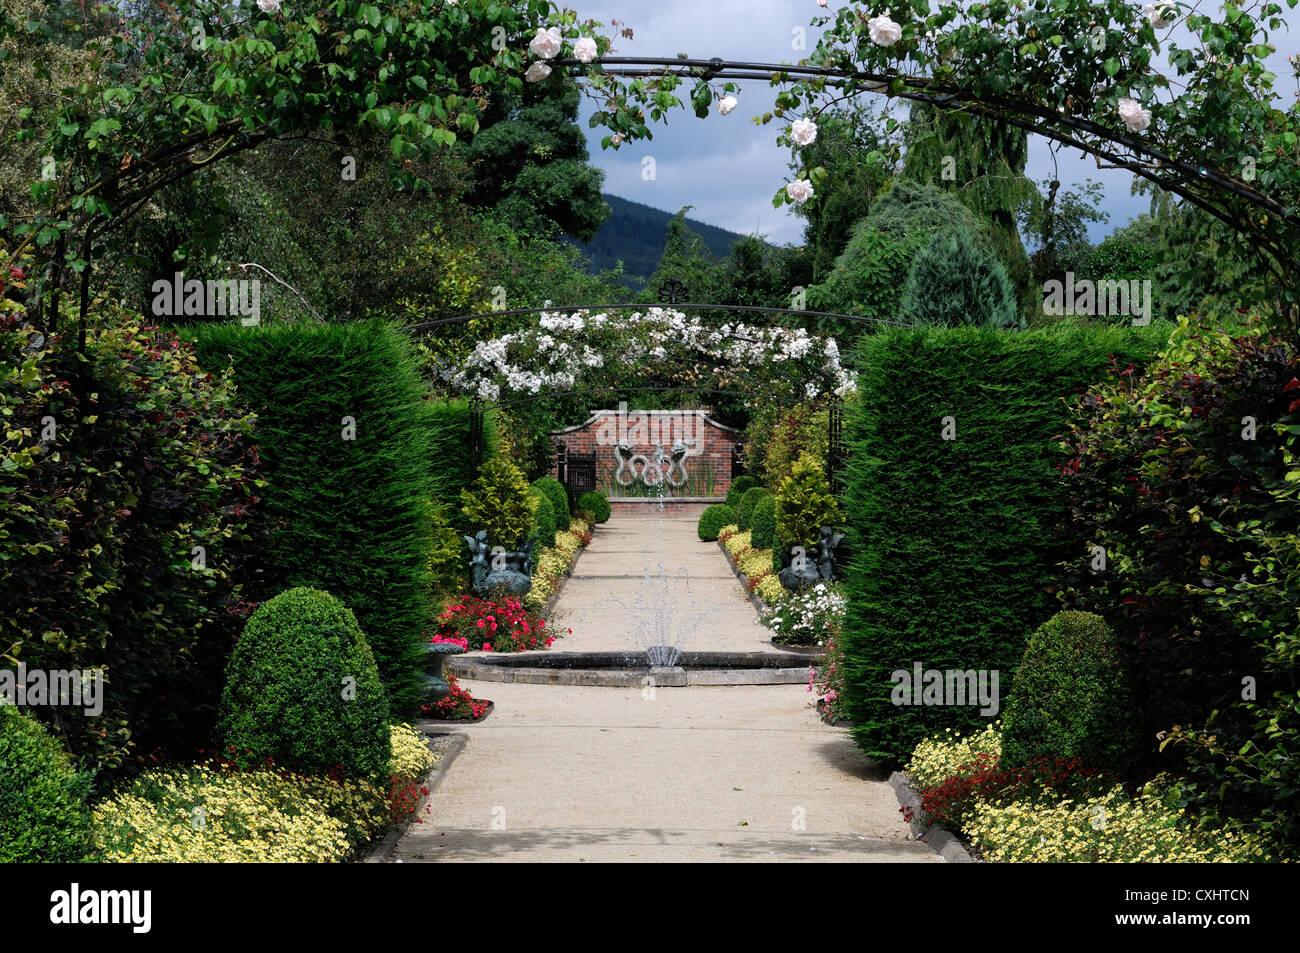 arch archway rose climbing rambler climber national garden ... on colonial garden designs, shrub garden designs, stone flower garden designs,